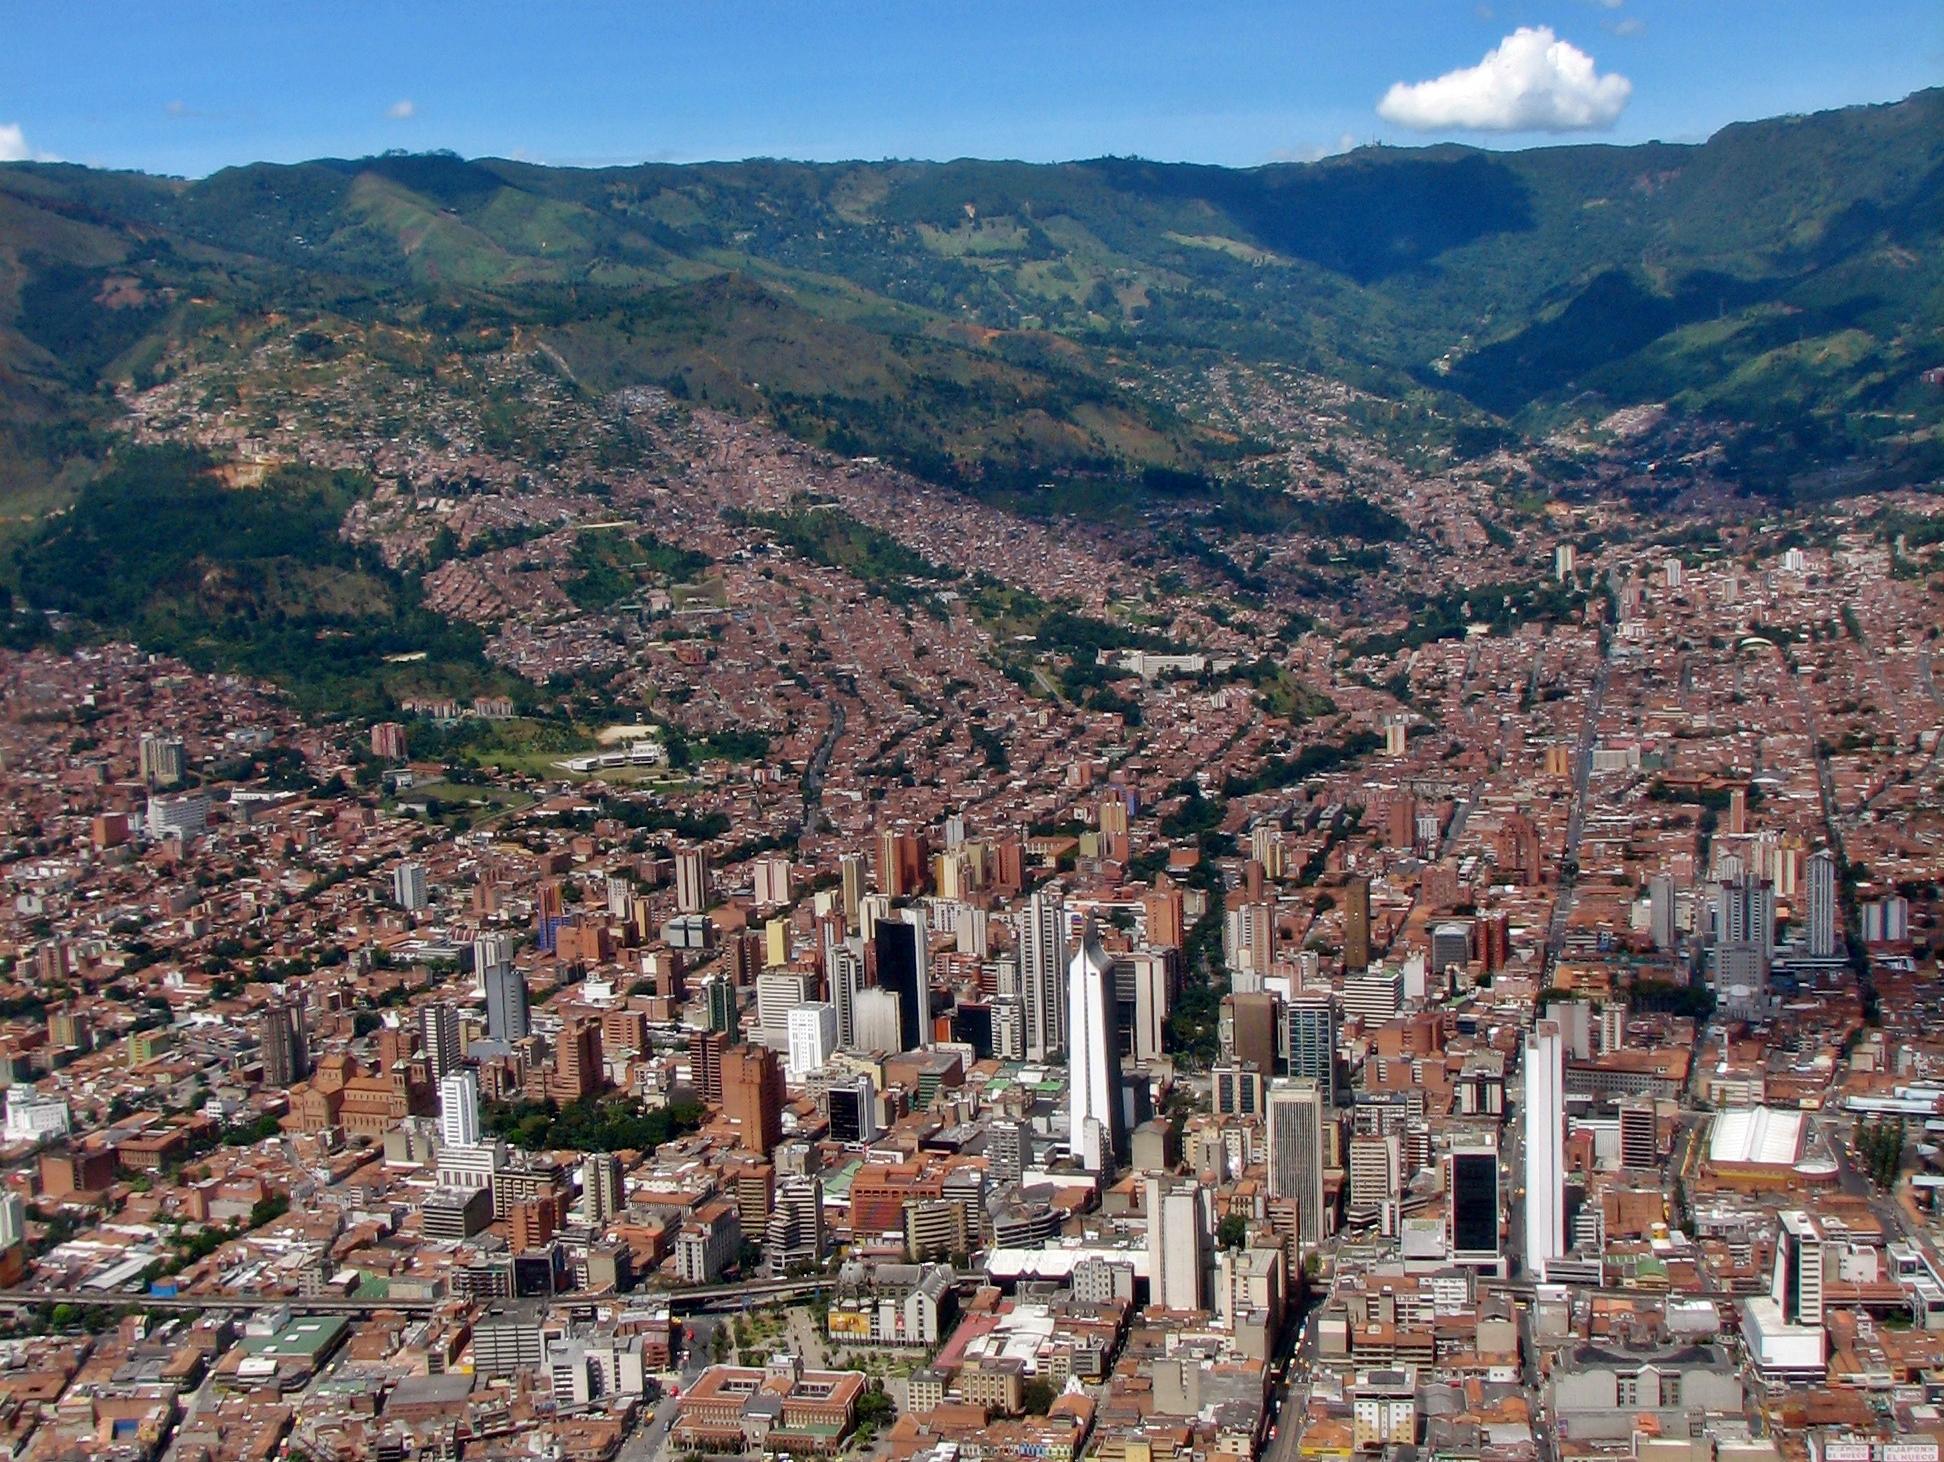 centro_de_medellin-colombia_cropped-1